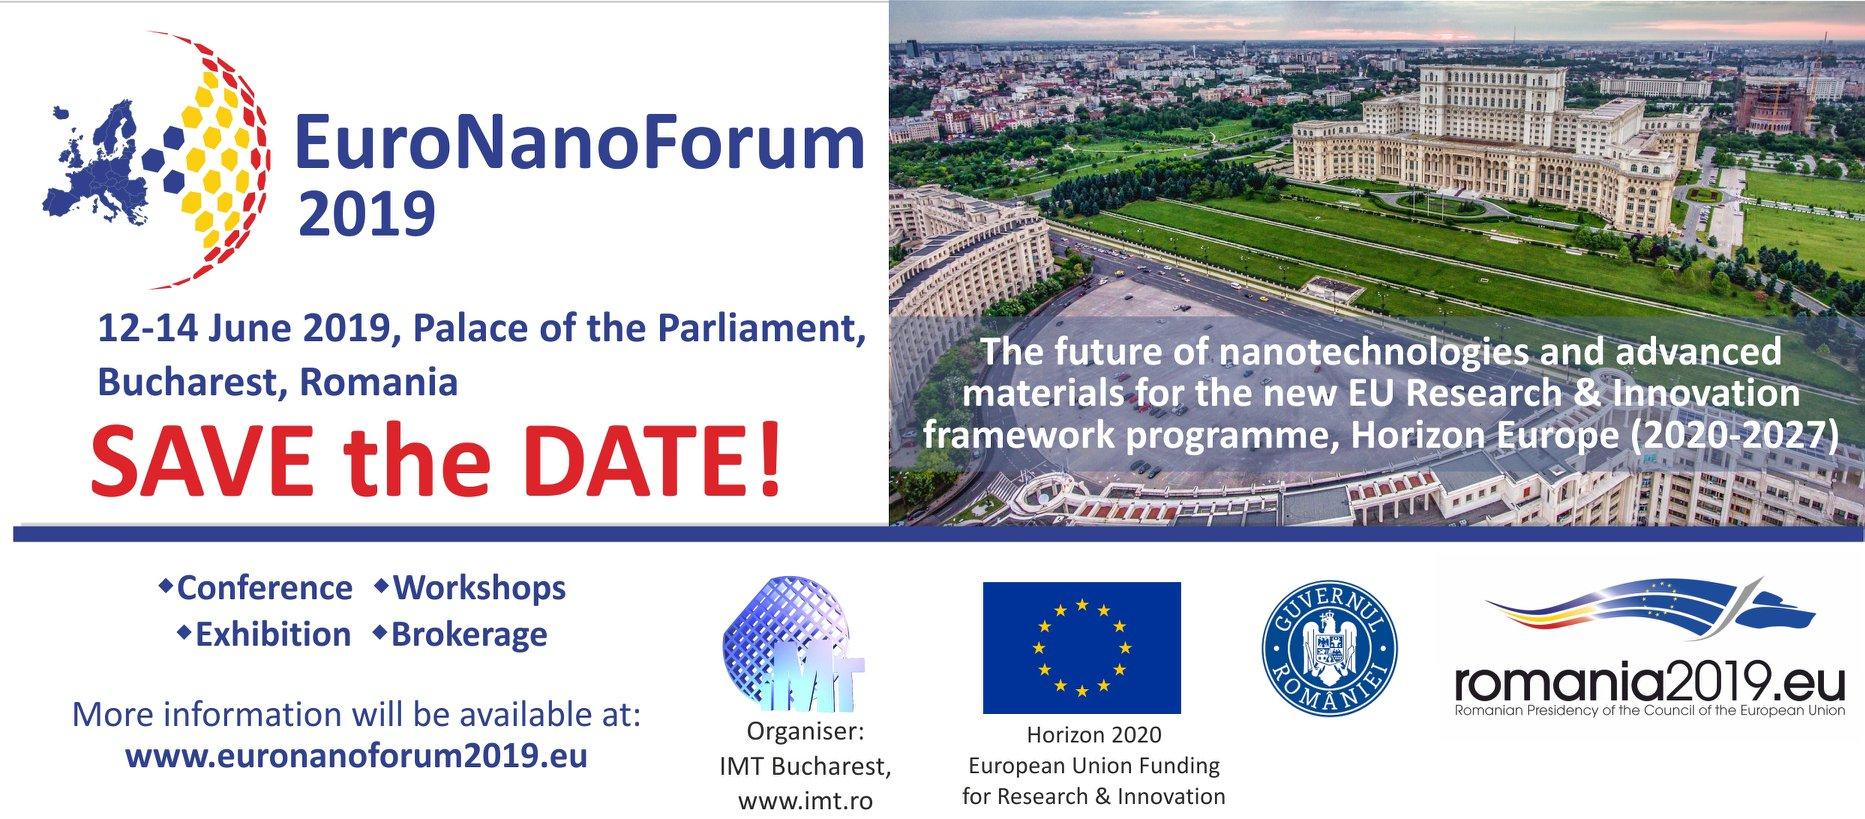 EuroNanoForum 2019